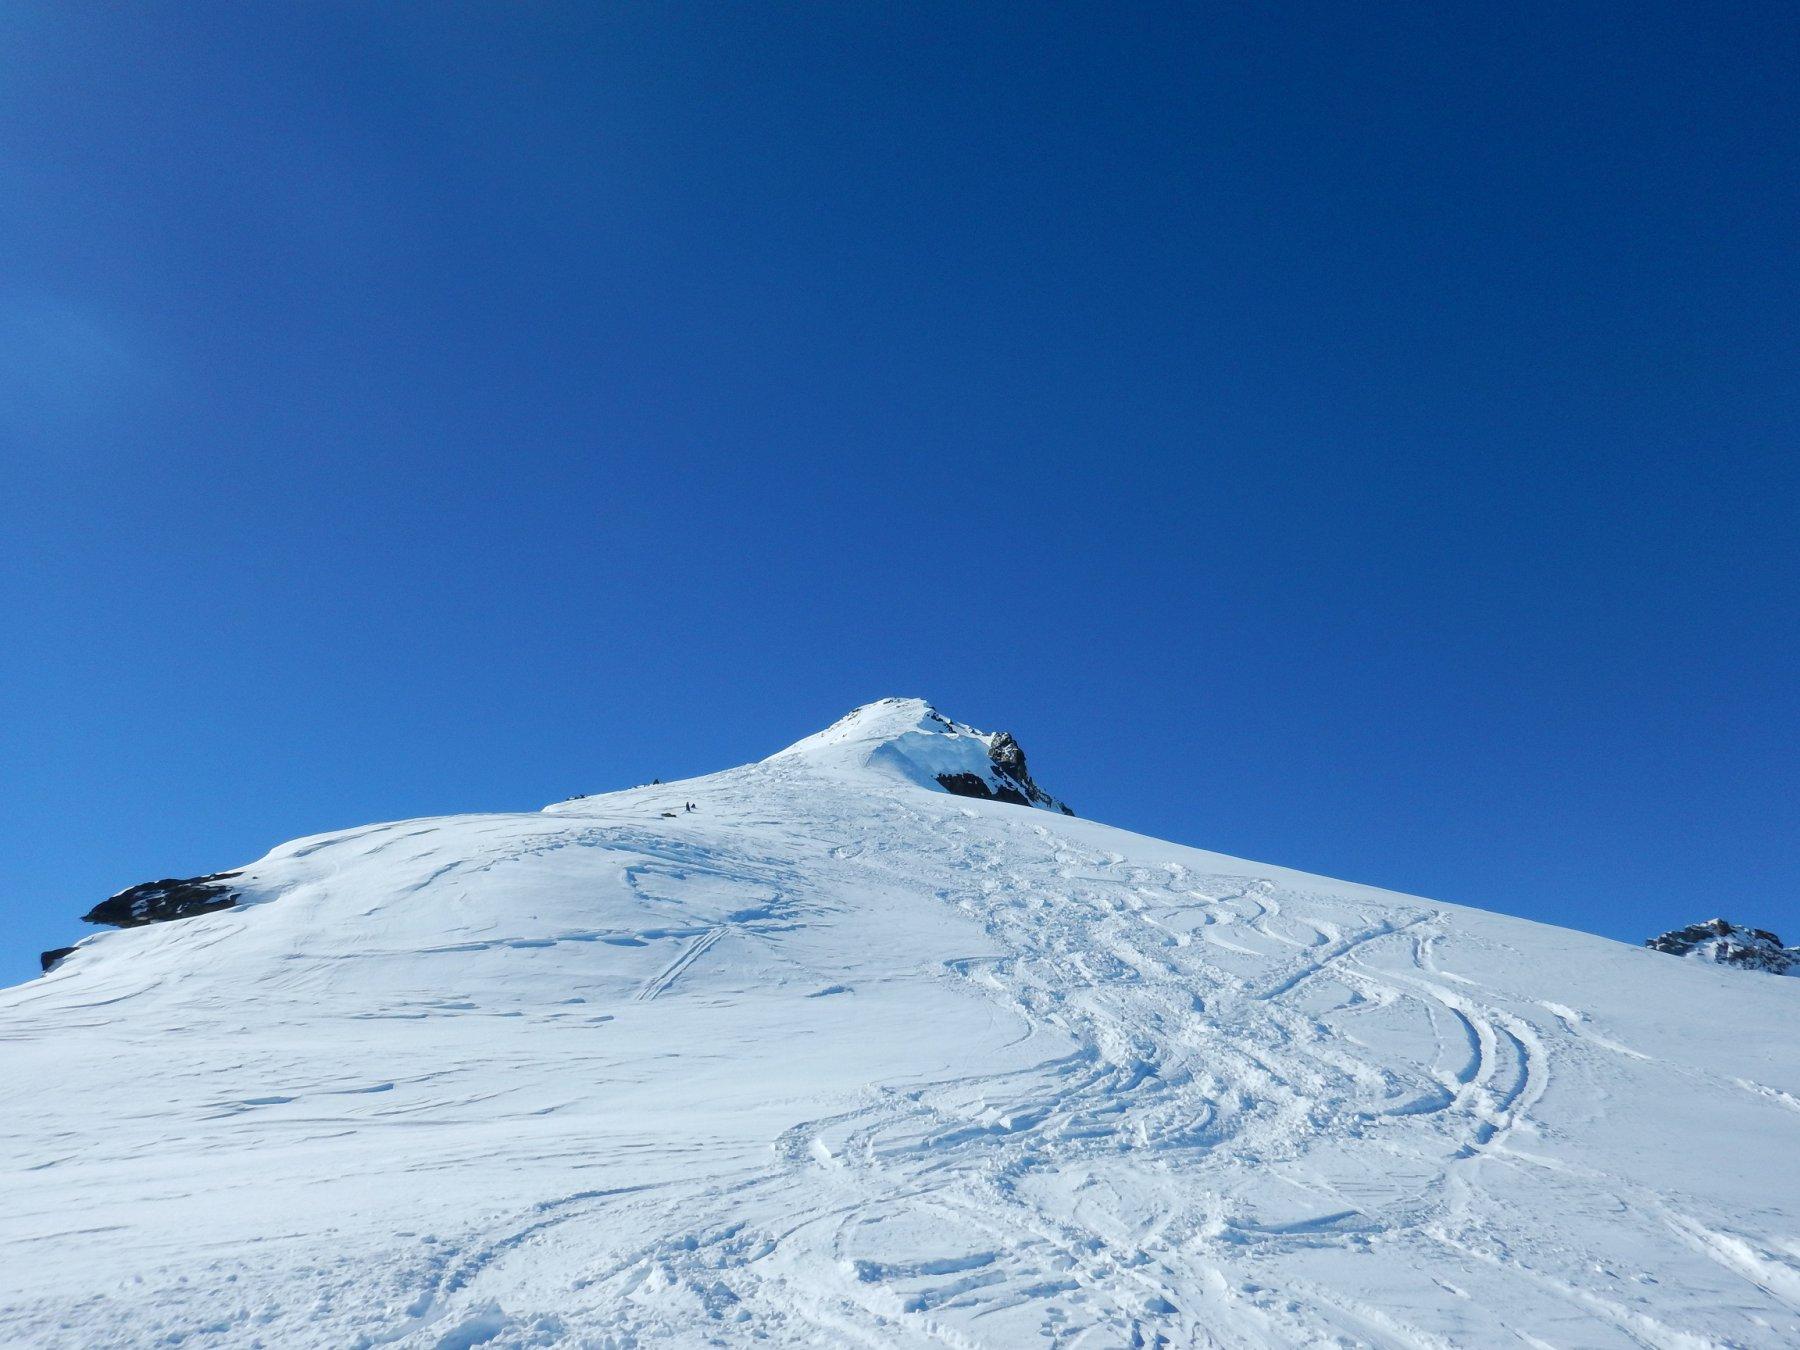 la cresta percorribile sci ai piedi